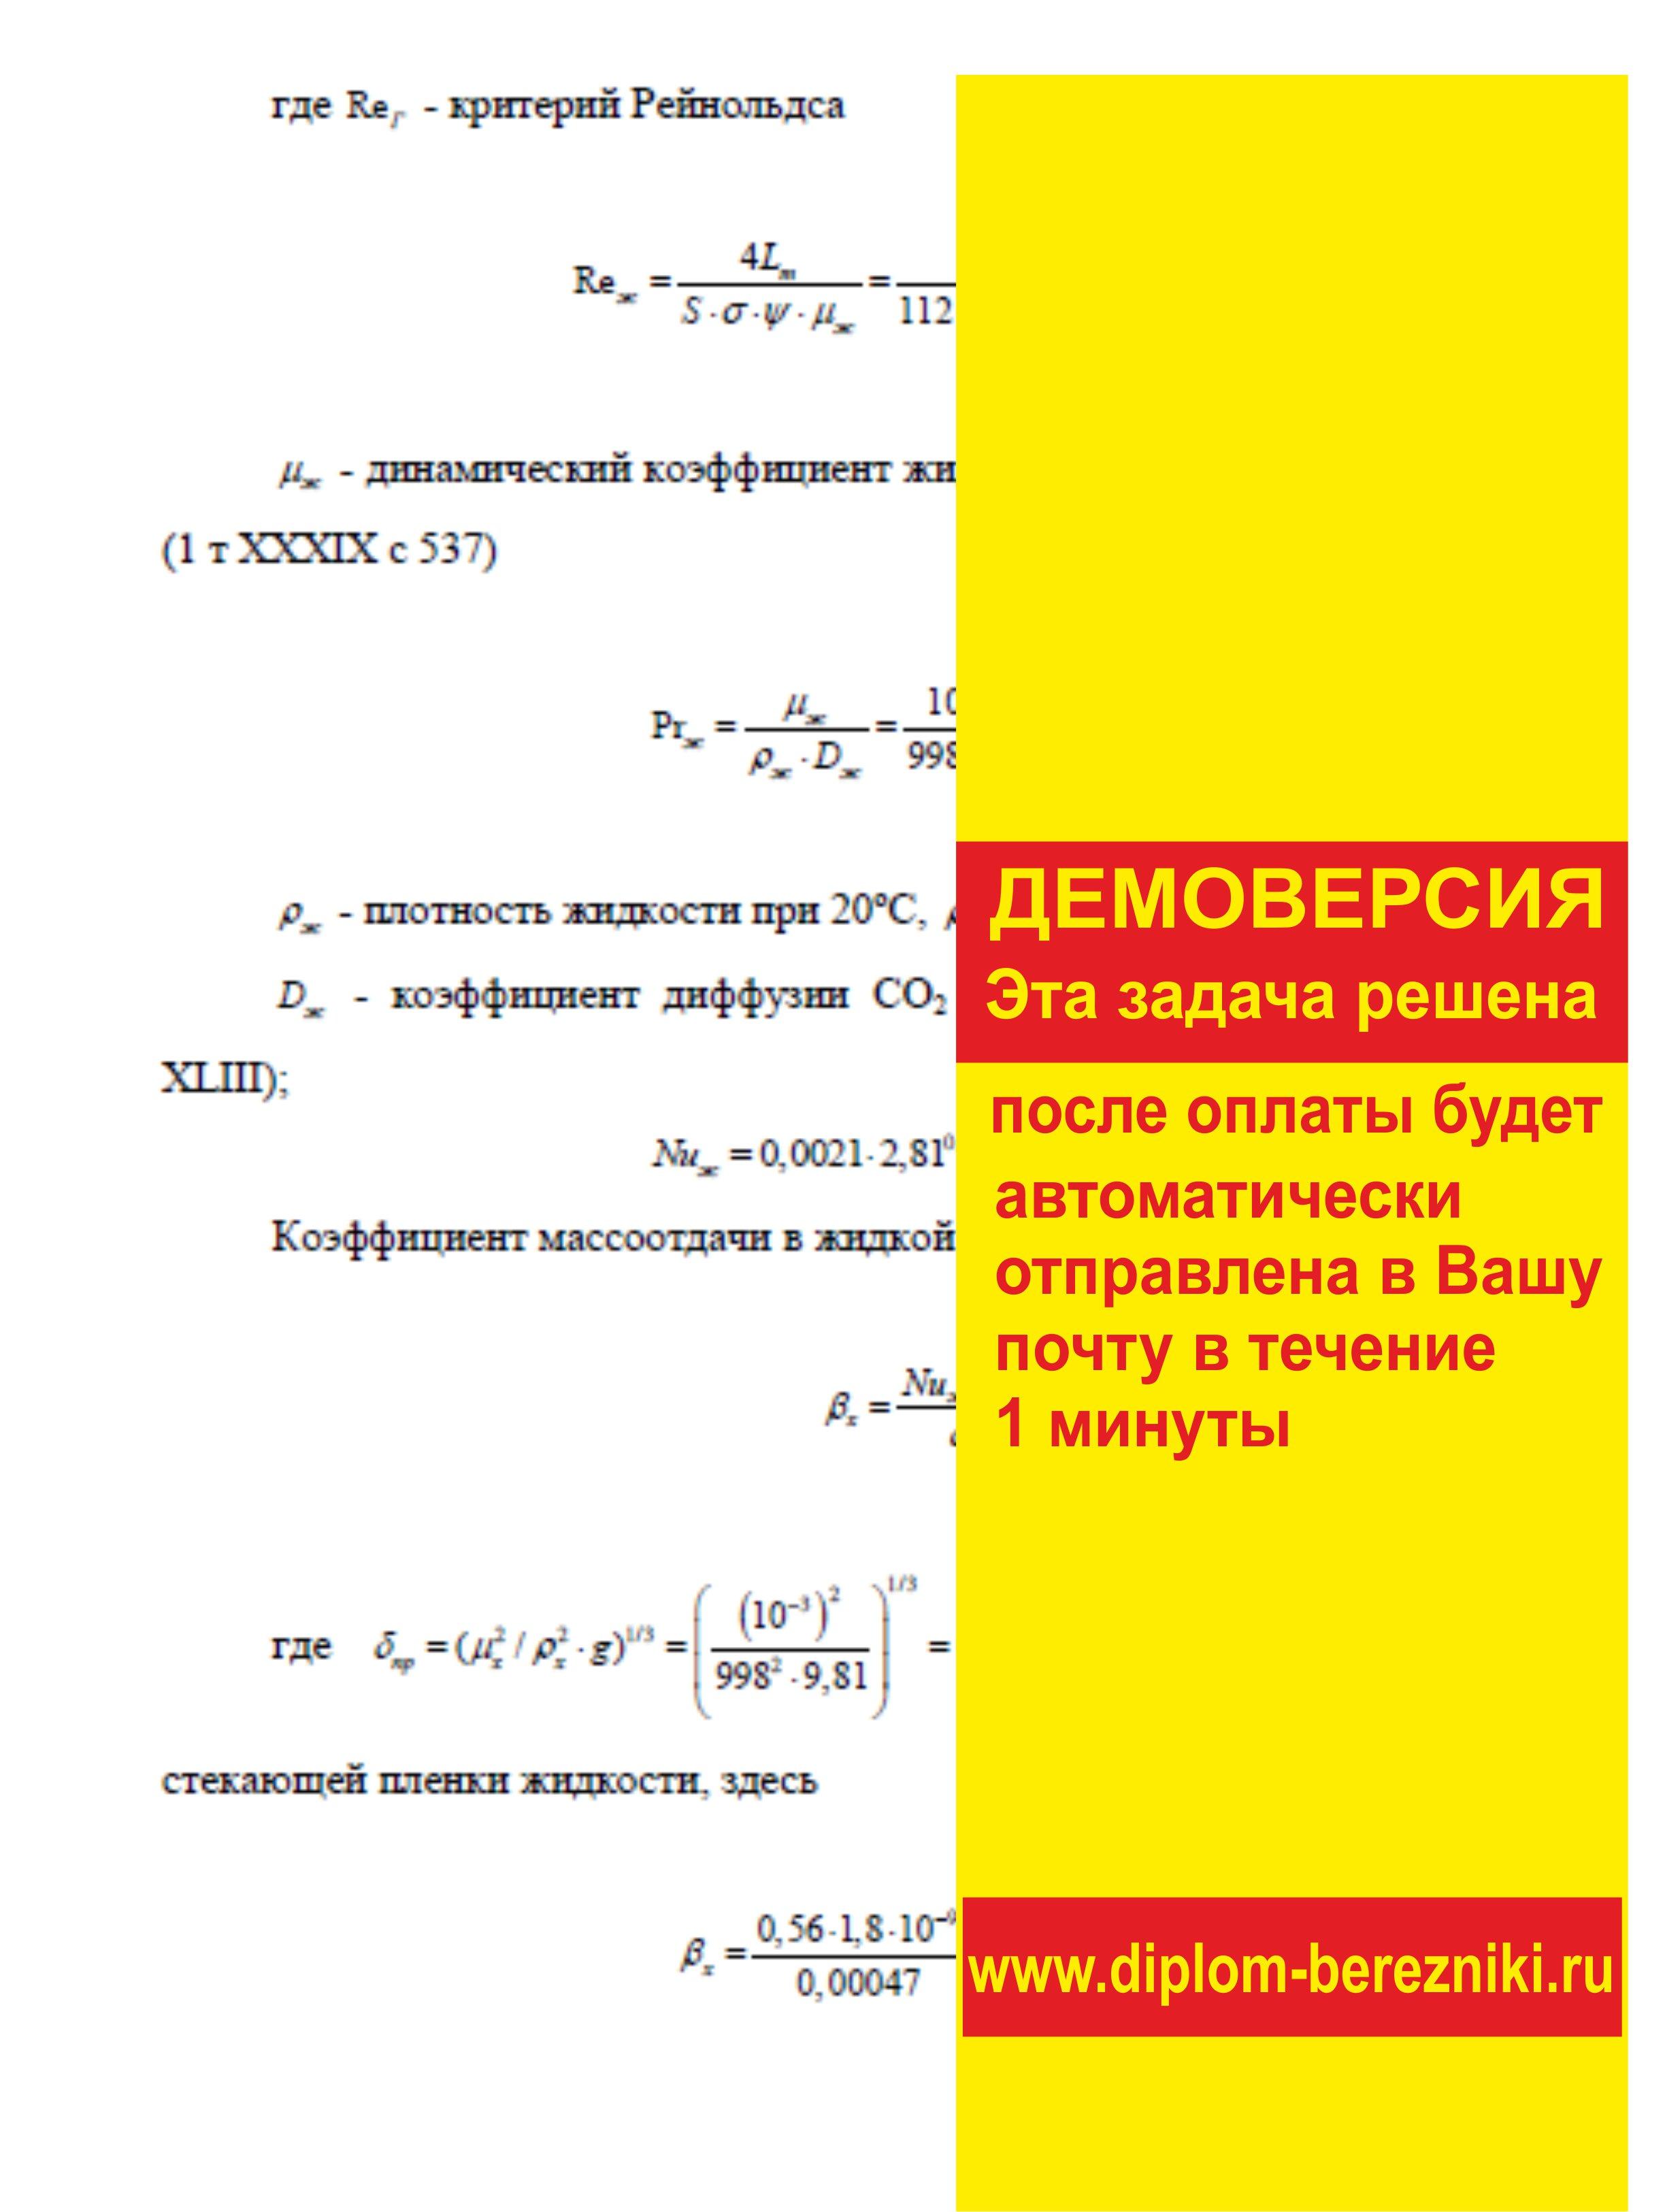 Решение задачи 6.18 по ПАХТ из задачника Павлова Романкова Носкова